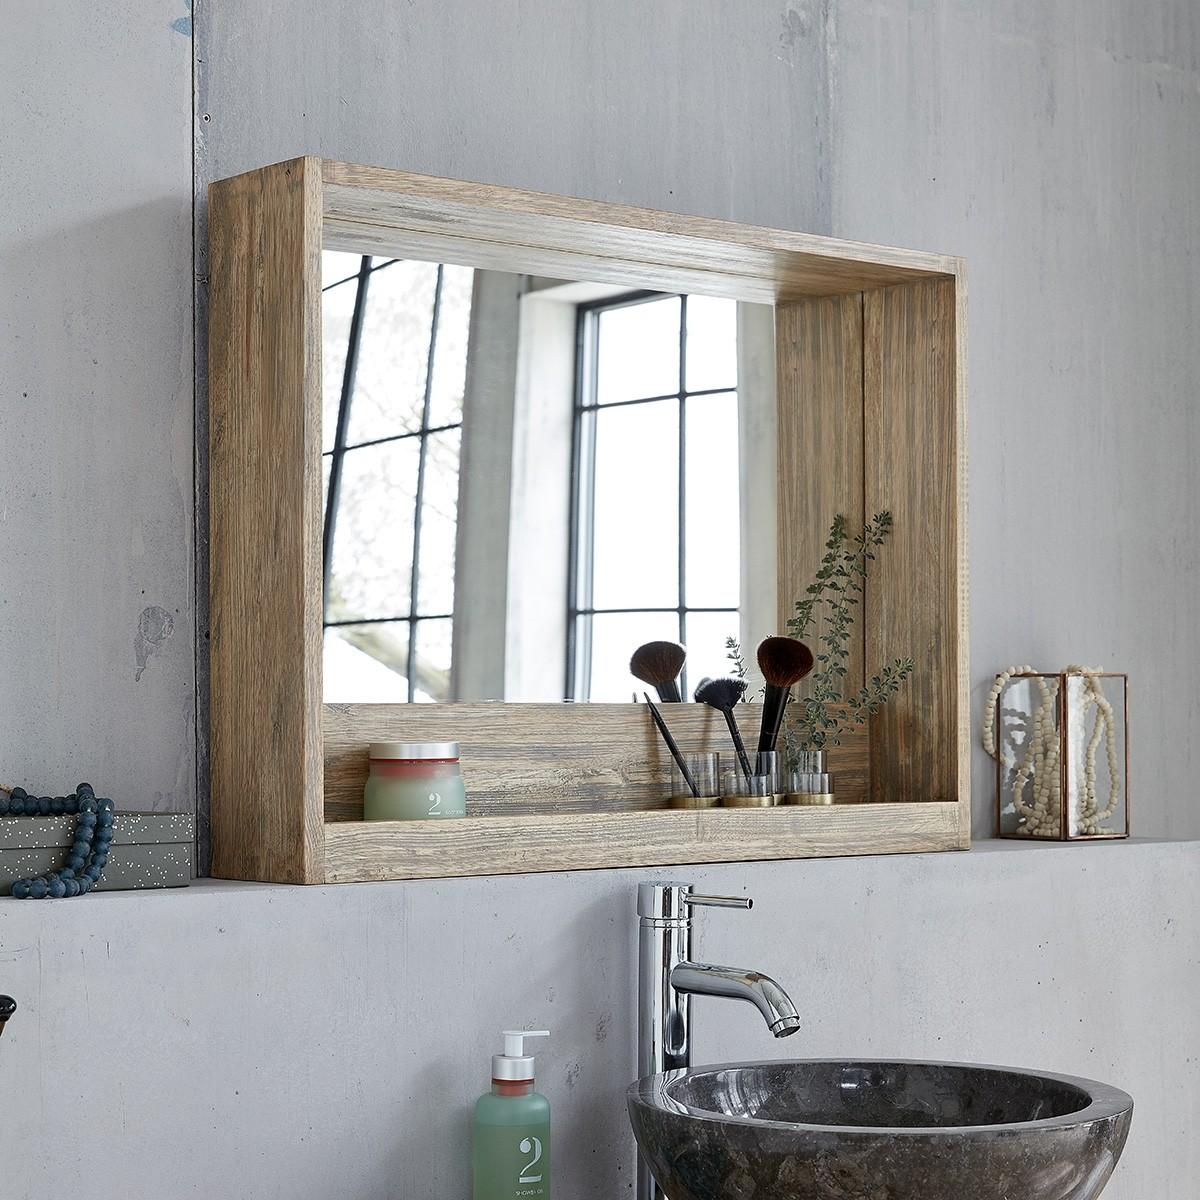 Ensemble salle de bain en bois d 39 h v a suspendu 80 - Hauteur d un miroir de salle de bain ...